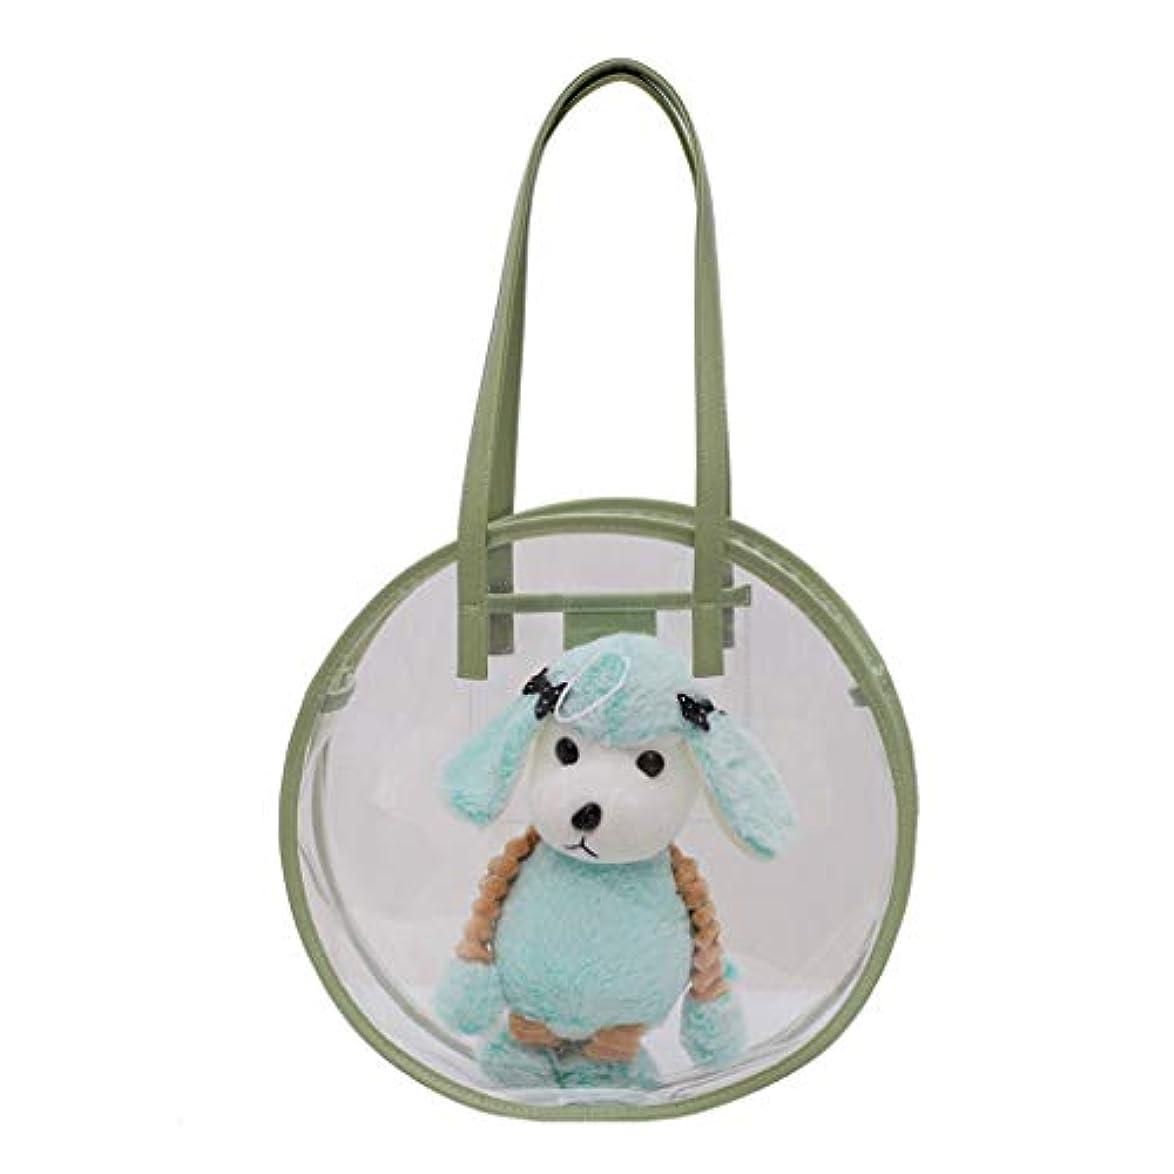 売り手セラー弾性かわいいファッション 犬の特徴 透明防水 ビーチバッグ ポータブル 透明化粧品バッグ 旅行用メイクポーチ ジッパー 防水 トートバッグ 取り外し可能 調整 33X9X33cm 3色